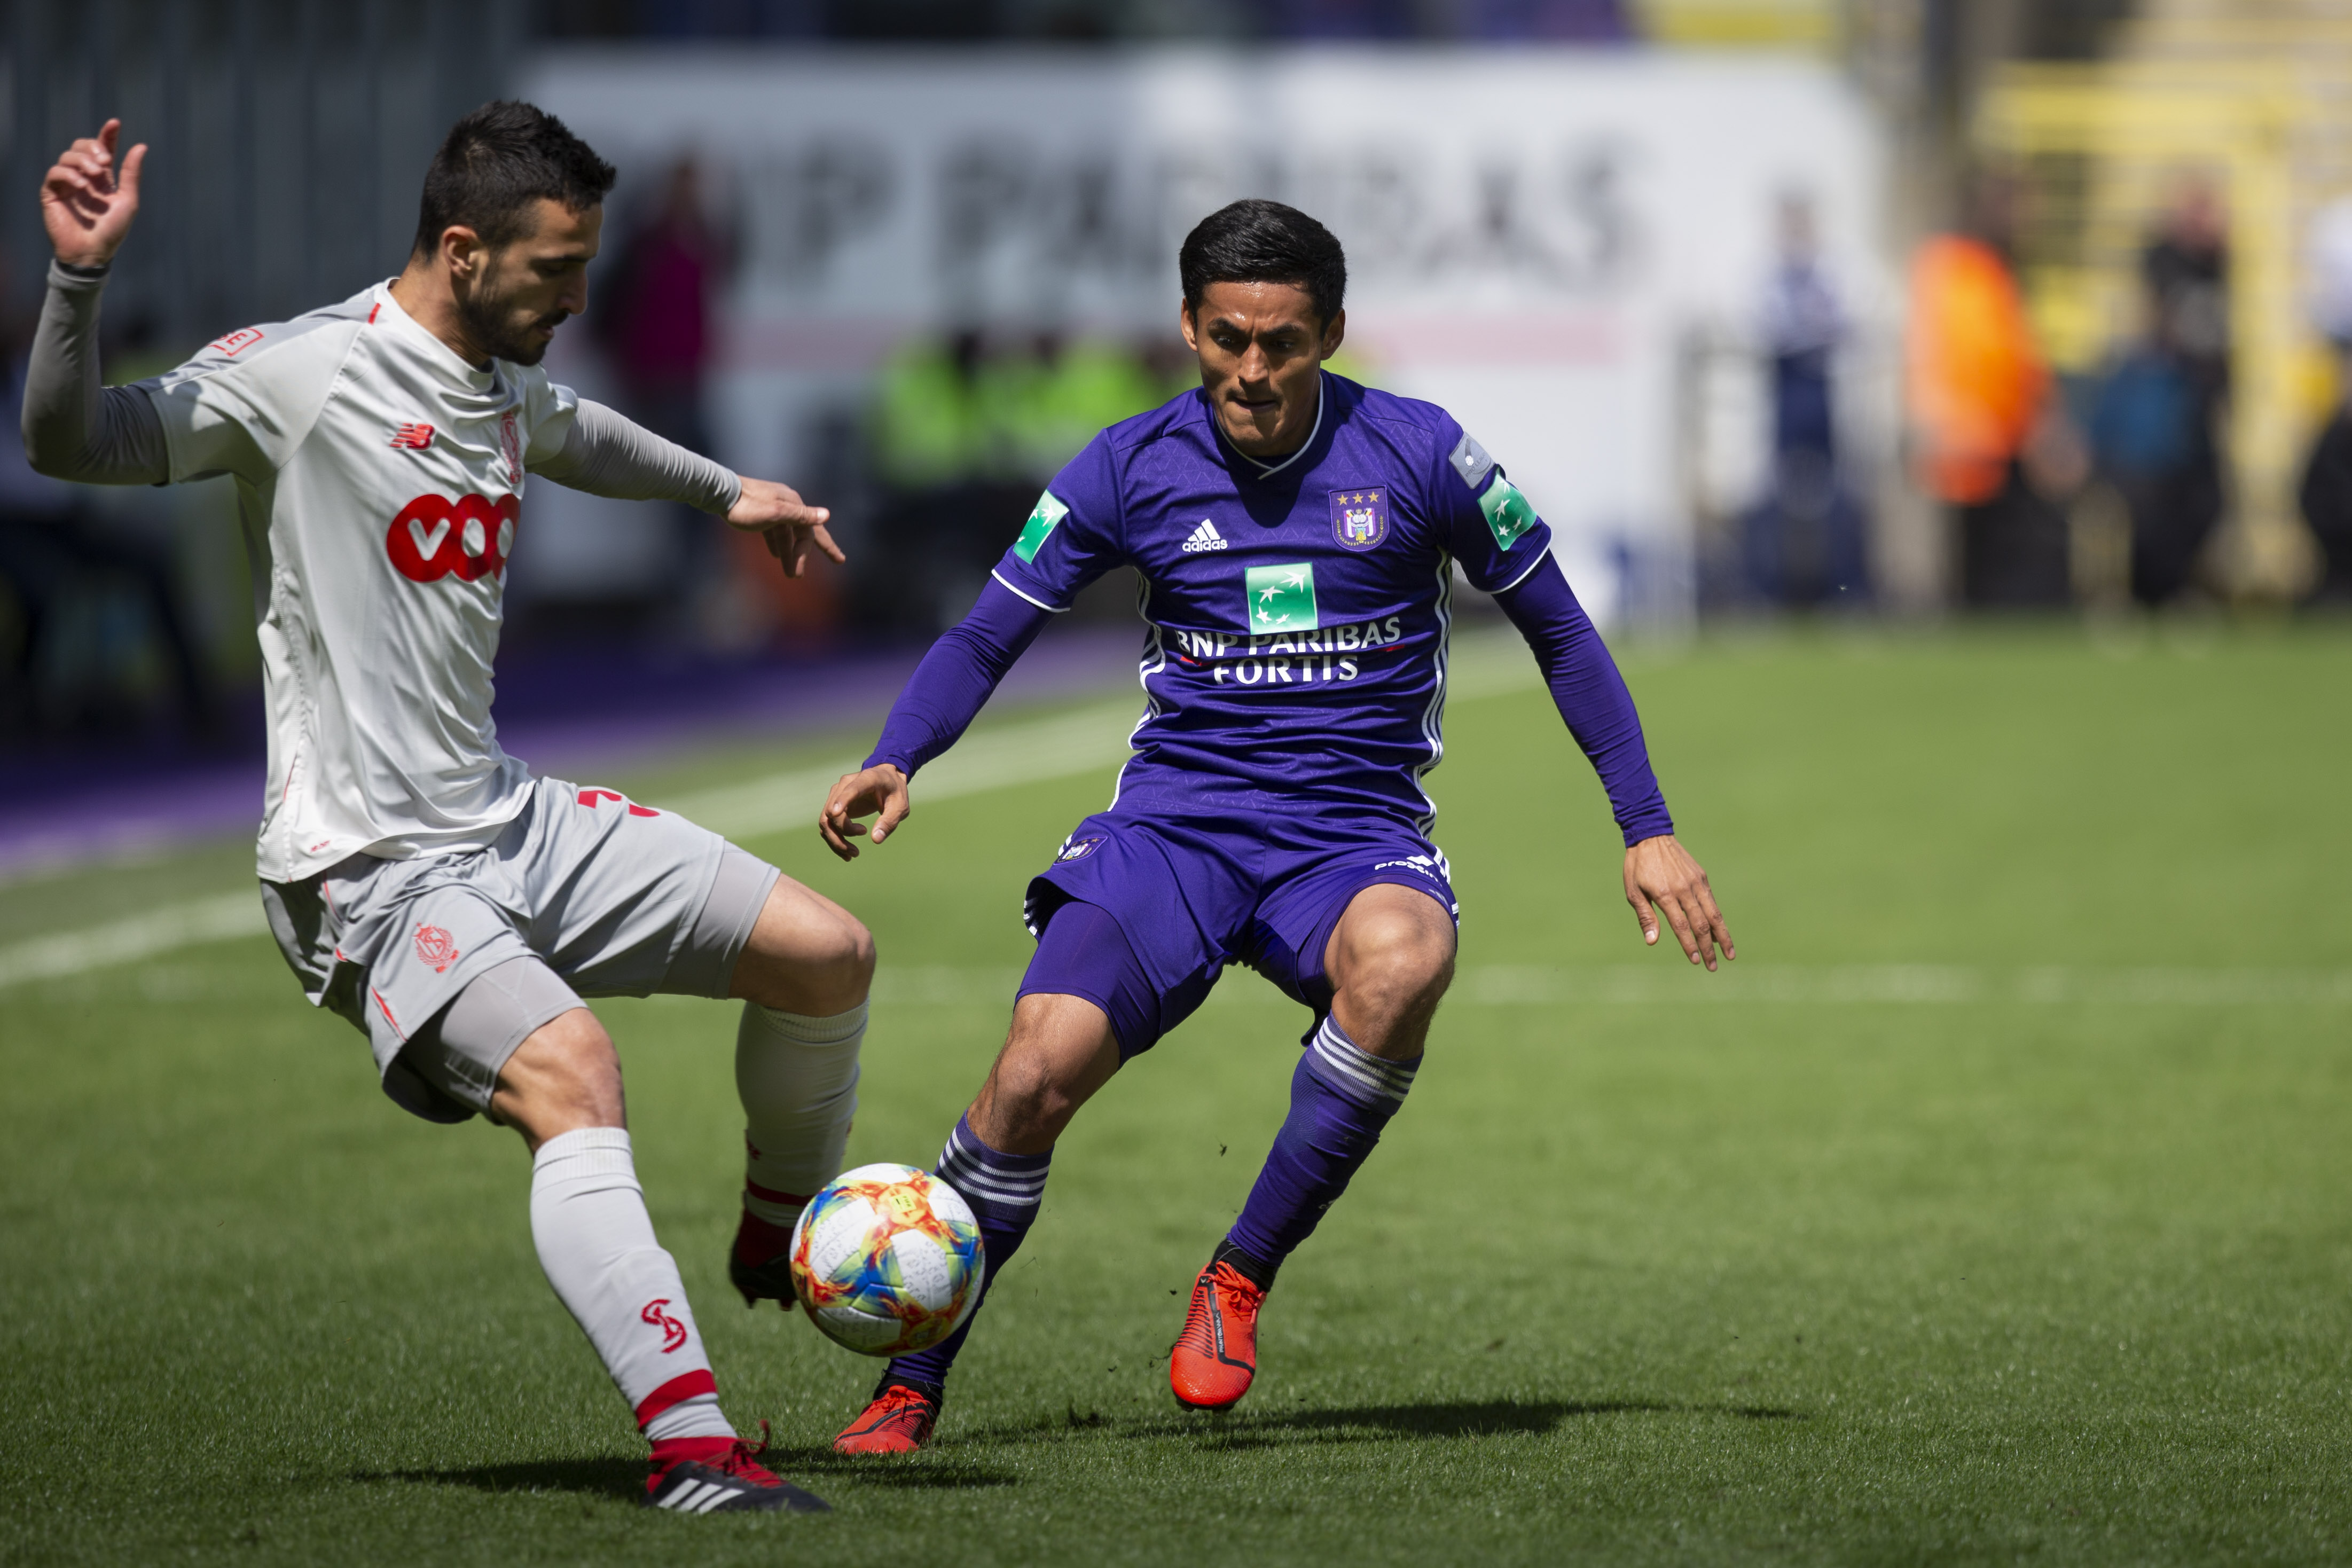 RSC Anderlecht v Standard Liege - Jupiler Pro League: Play-offs